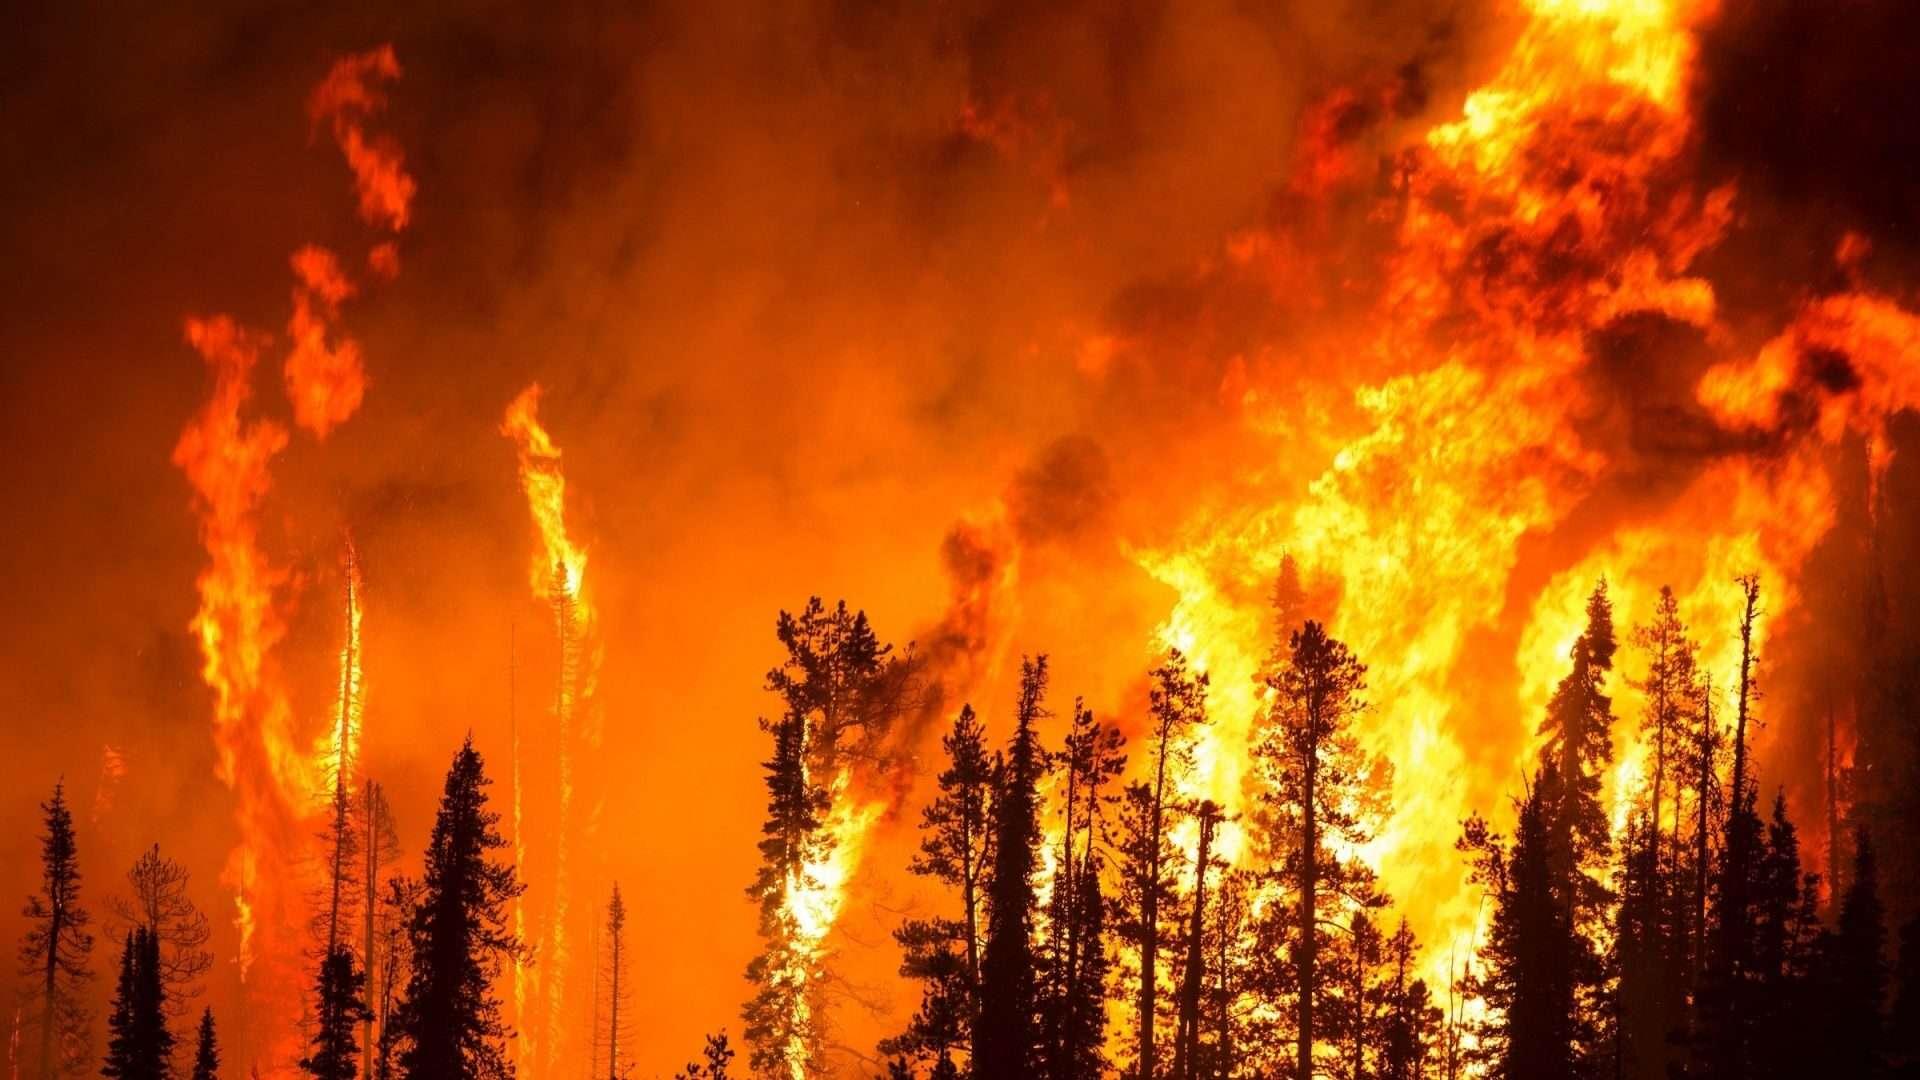 Αυτό που είναι σαφές είναι ότι οι άνθρωποι έχουν επηρεάσει τις συνθήκες πυρκαγιάς εδώ και χιλιετίες, και οι αλλαγές στις ανθρώπινες κοινωνίες (π.χ. από ντόπιους σε Ευρωπαίους, από την προϊστορική σε μεταβιομηχανική κ.λπ.) σημαίνουν αλλαγές στις συνθήκες πυρκαγιάς.